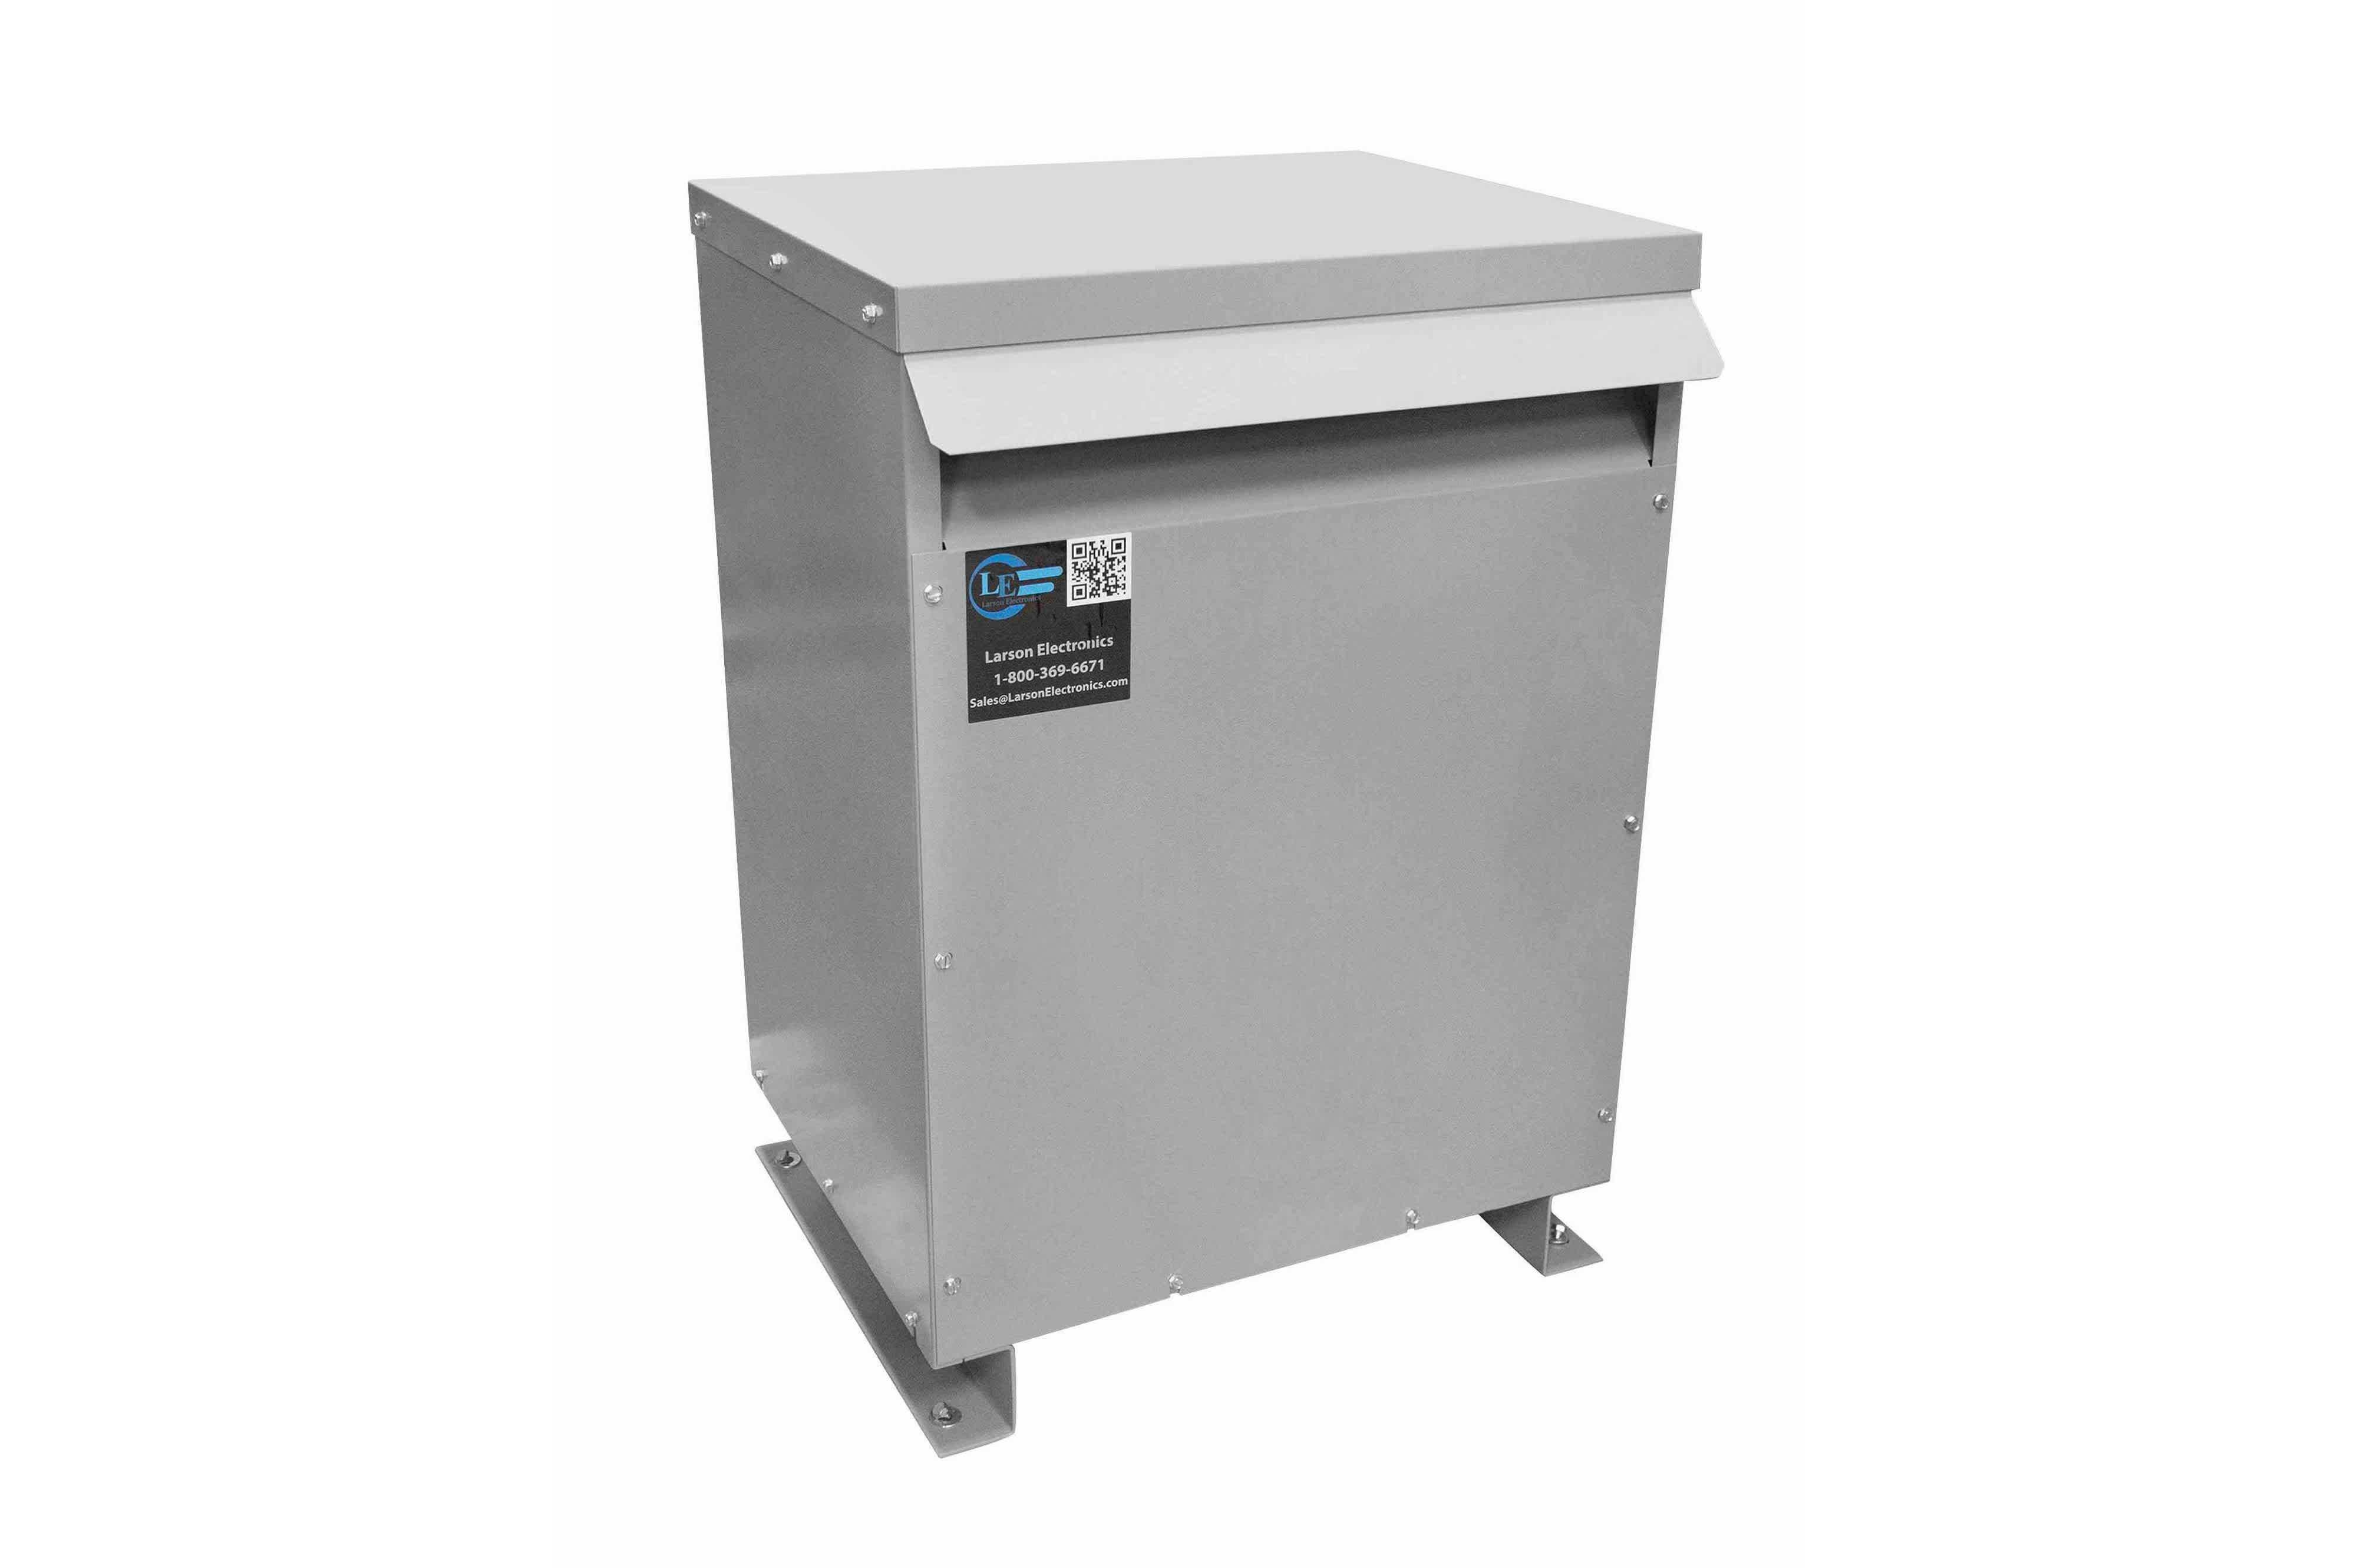 150 kVA 3PH DOE Transformer, 415V Delta Primary, 240V/120 Delta Secondary, N3R, Ventilated, 60 Hz